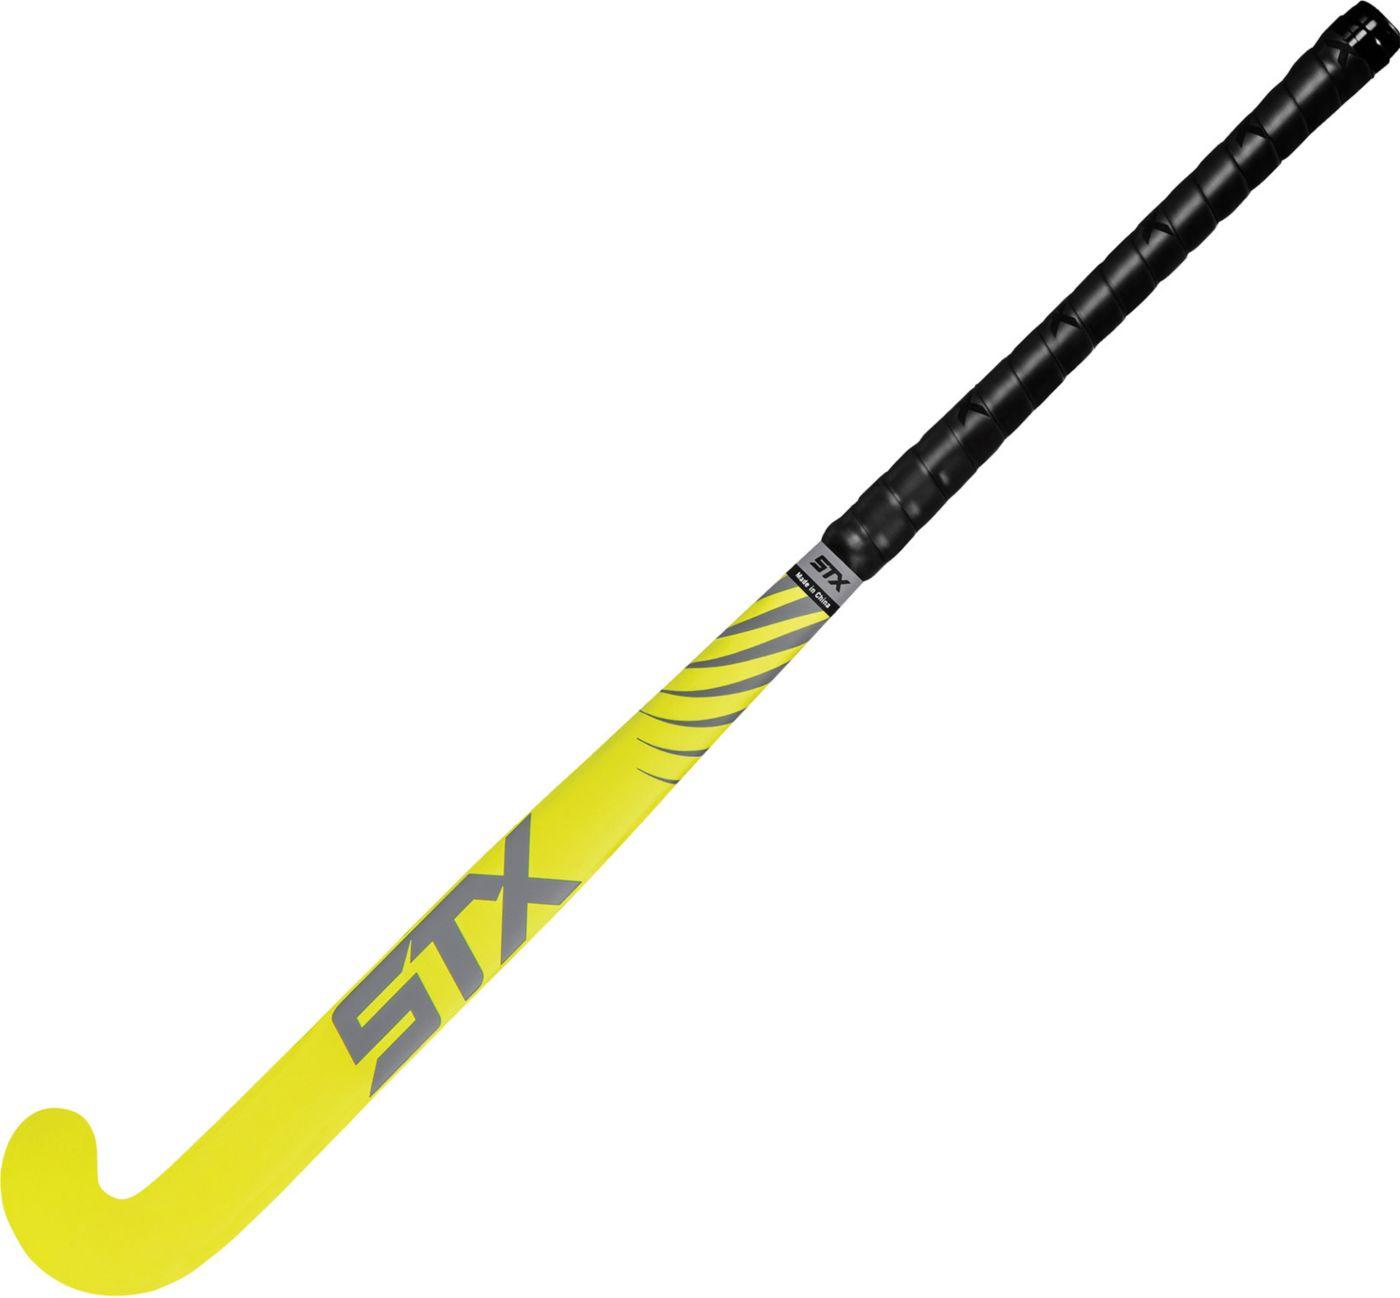 STX Stallion 200 Field Hockey Stick